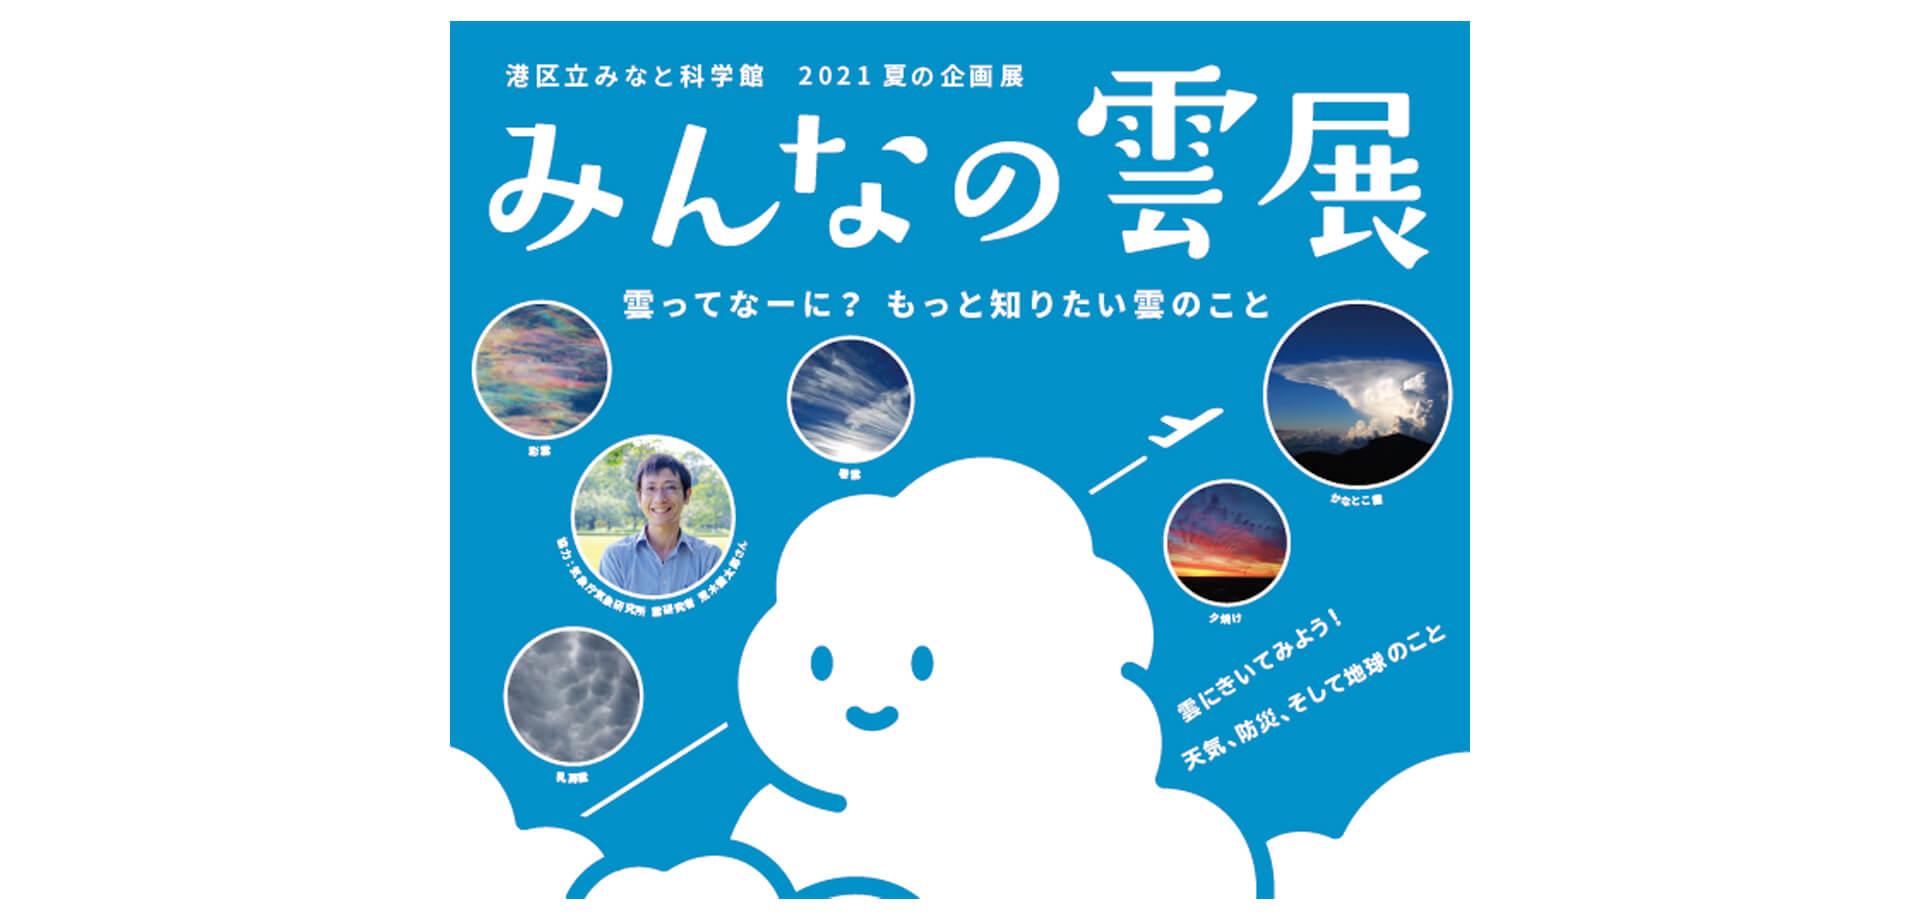 「みんなの雲展」~雲ってなーに?